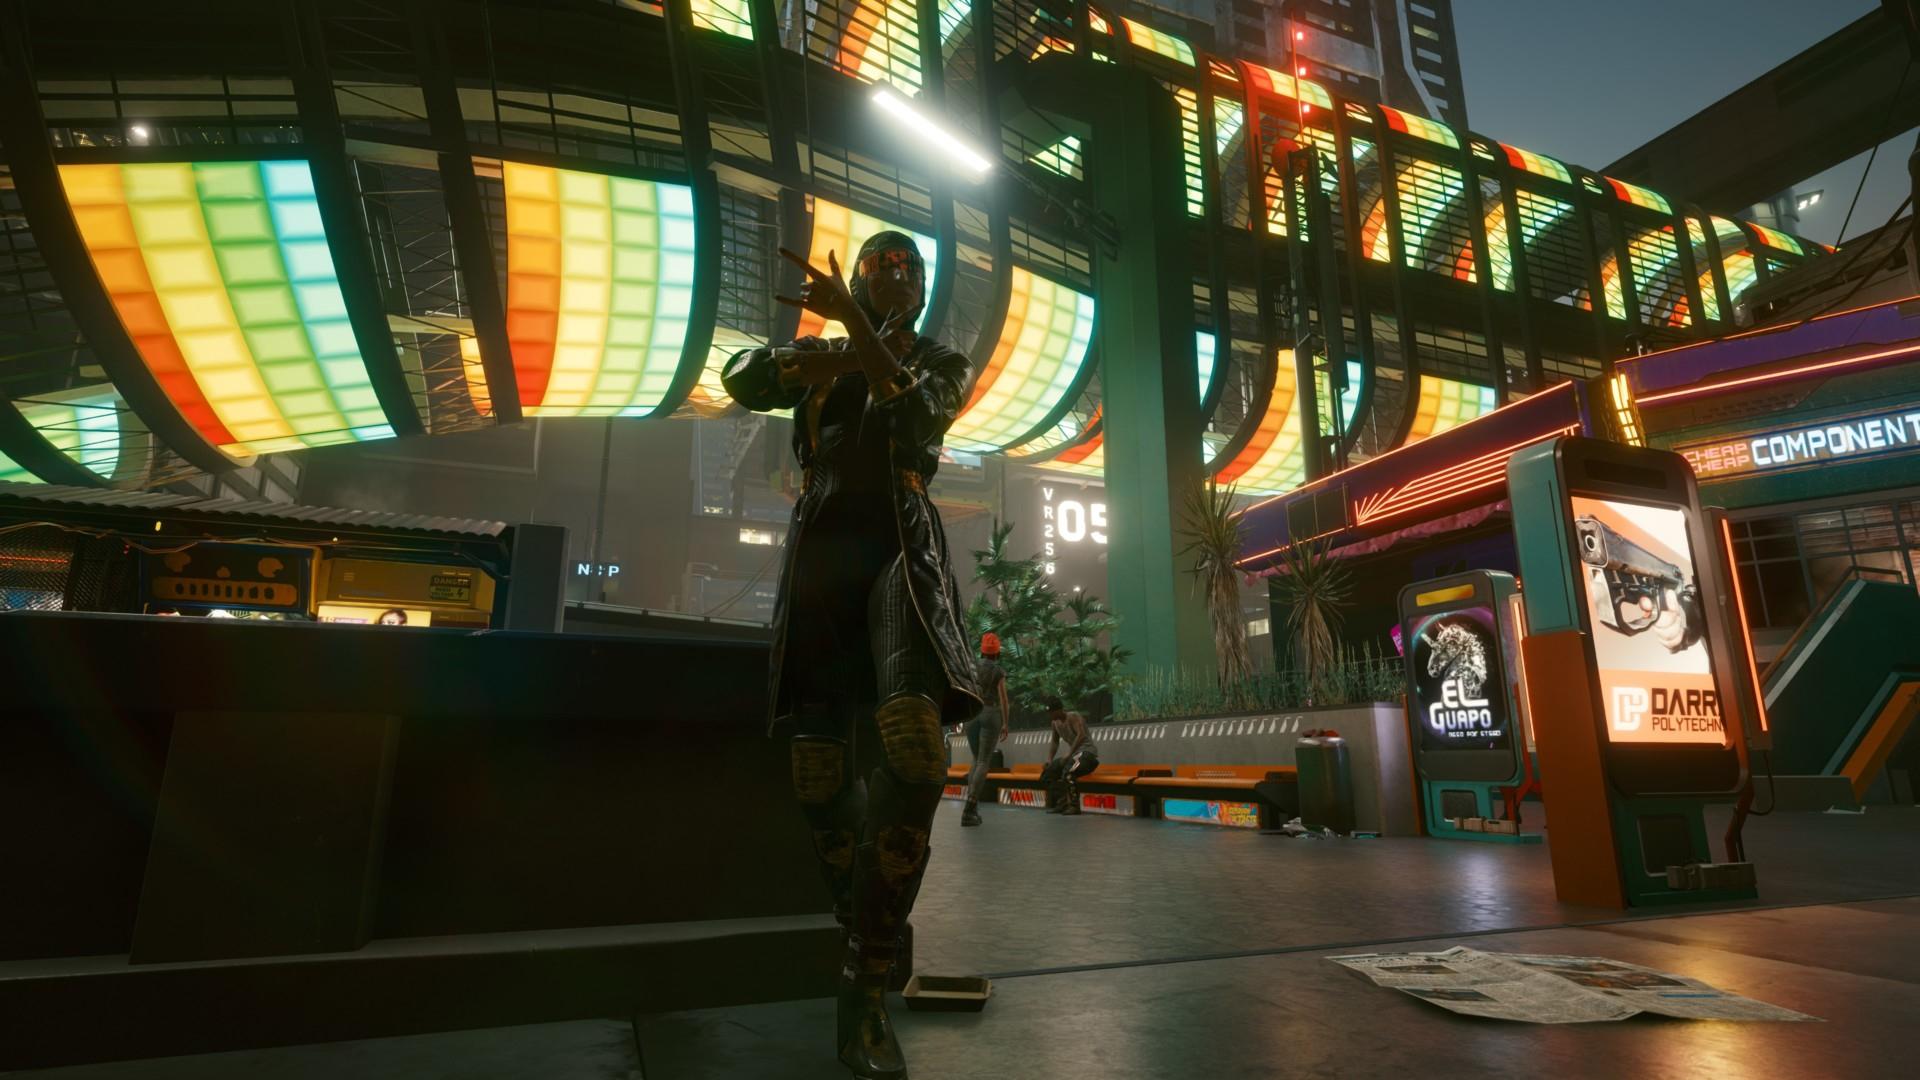 CDPR пообещала исправить уязвимость в Cyberpunk 2077, с помощью которой хакеры могут получить доступ к компьютерам игроков